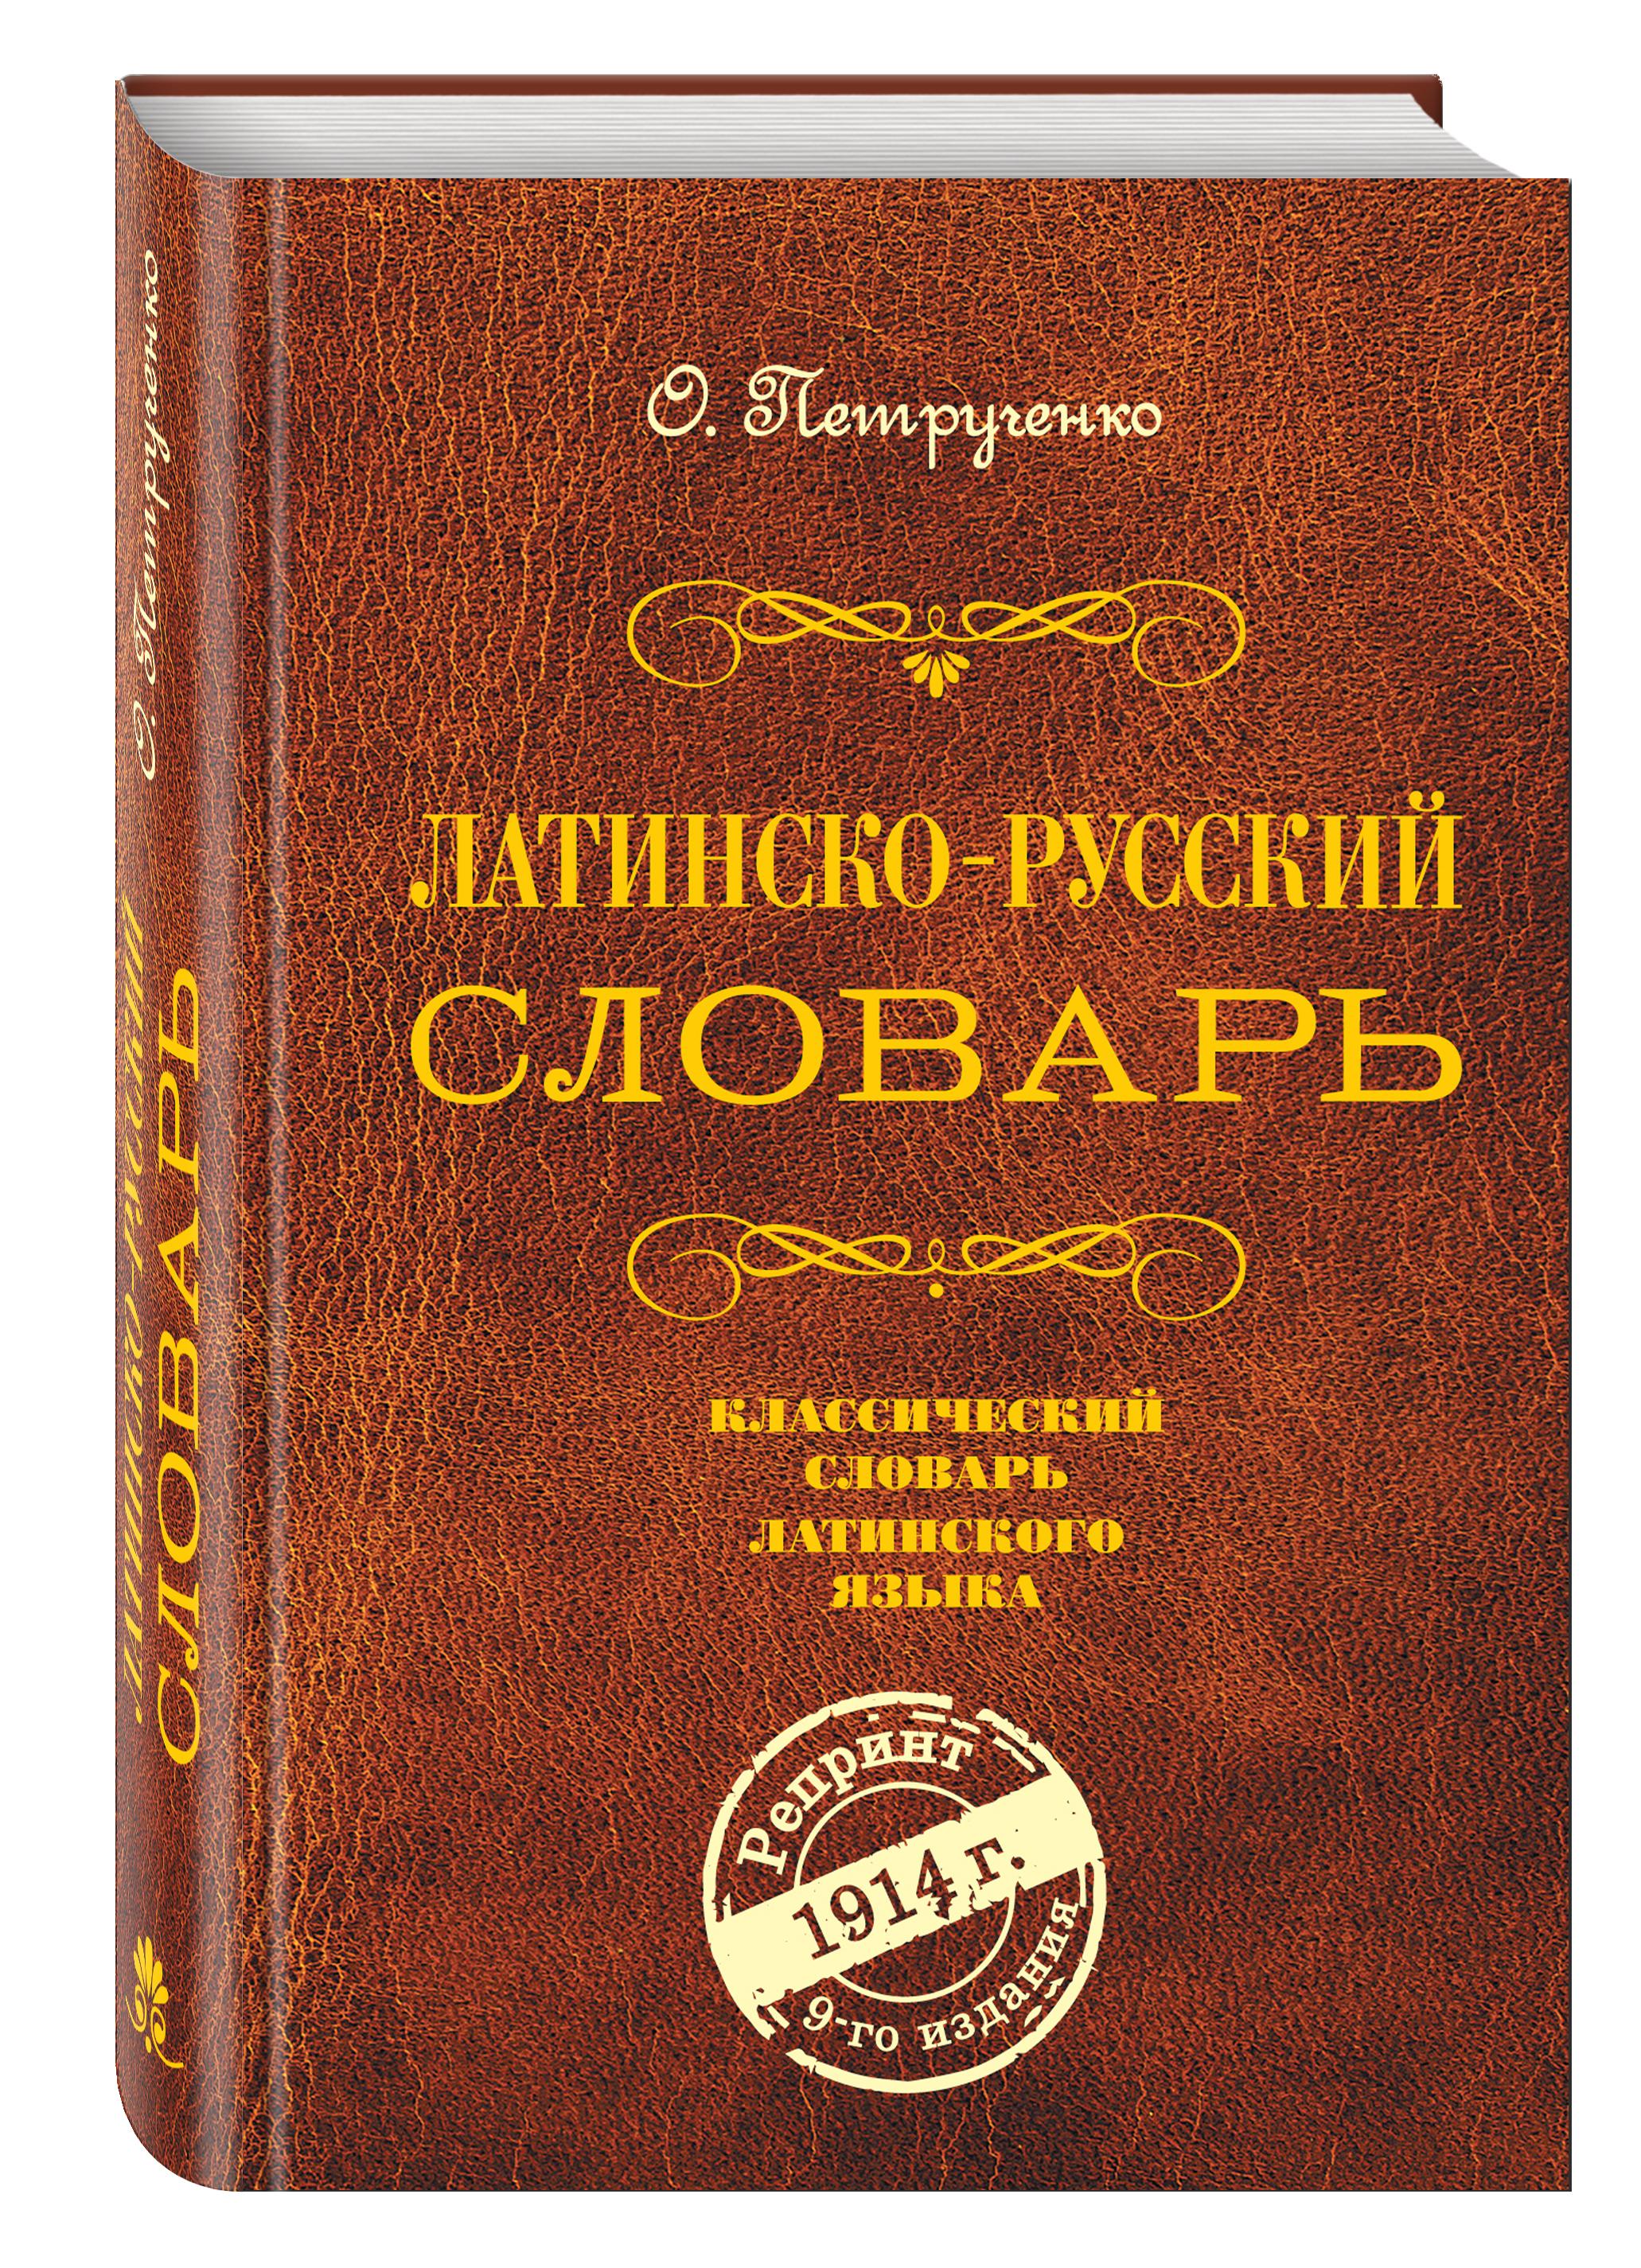 Латинско-русский словарь. Репринт 9-го издания 1914 г. ( Петрученко О.А.  )